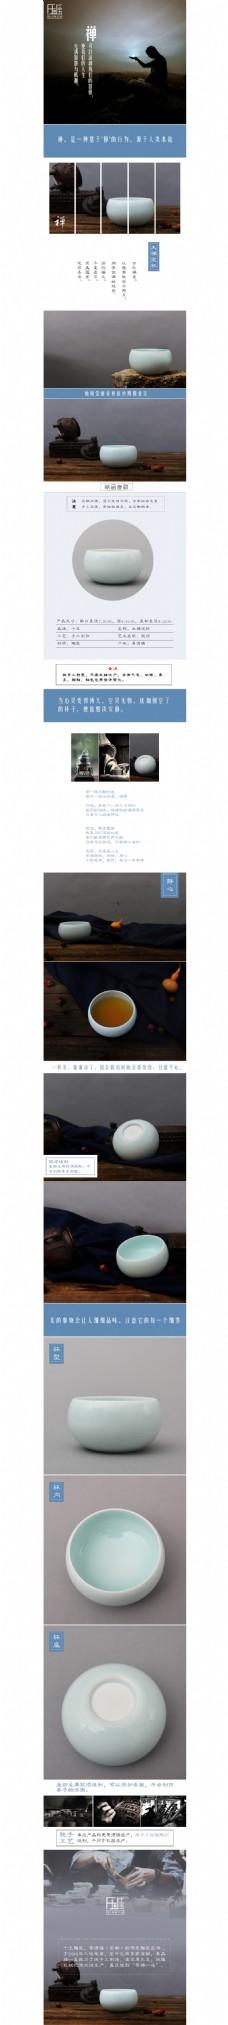 陶瓷茶杯淘宝详情设计